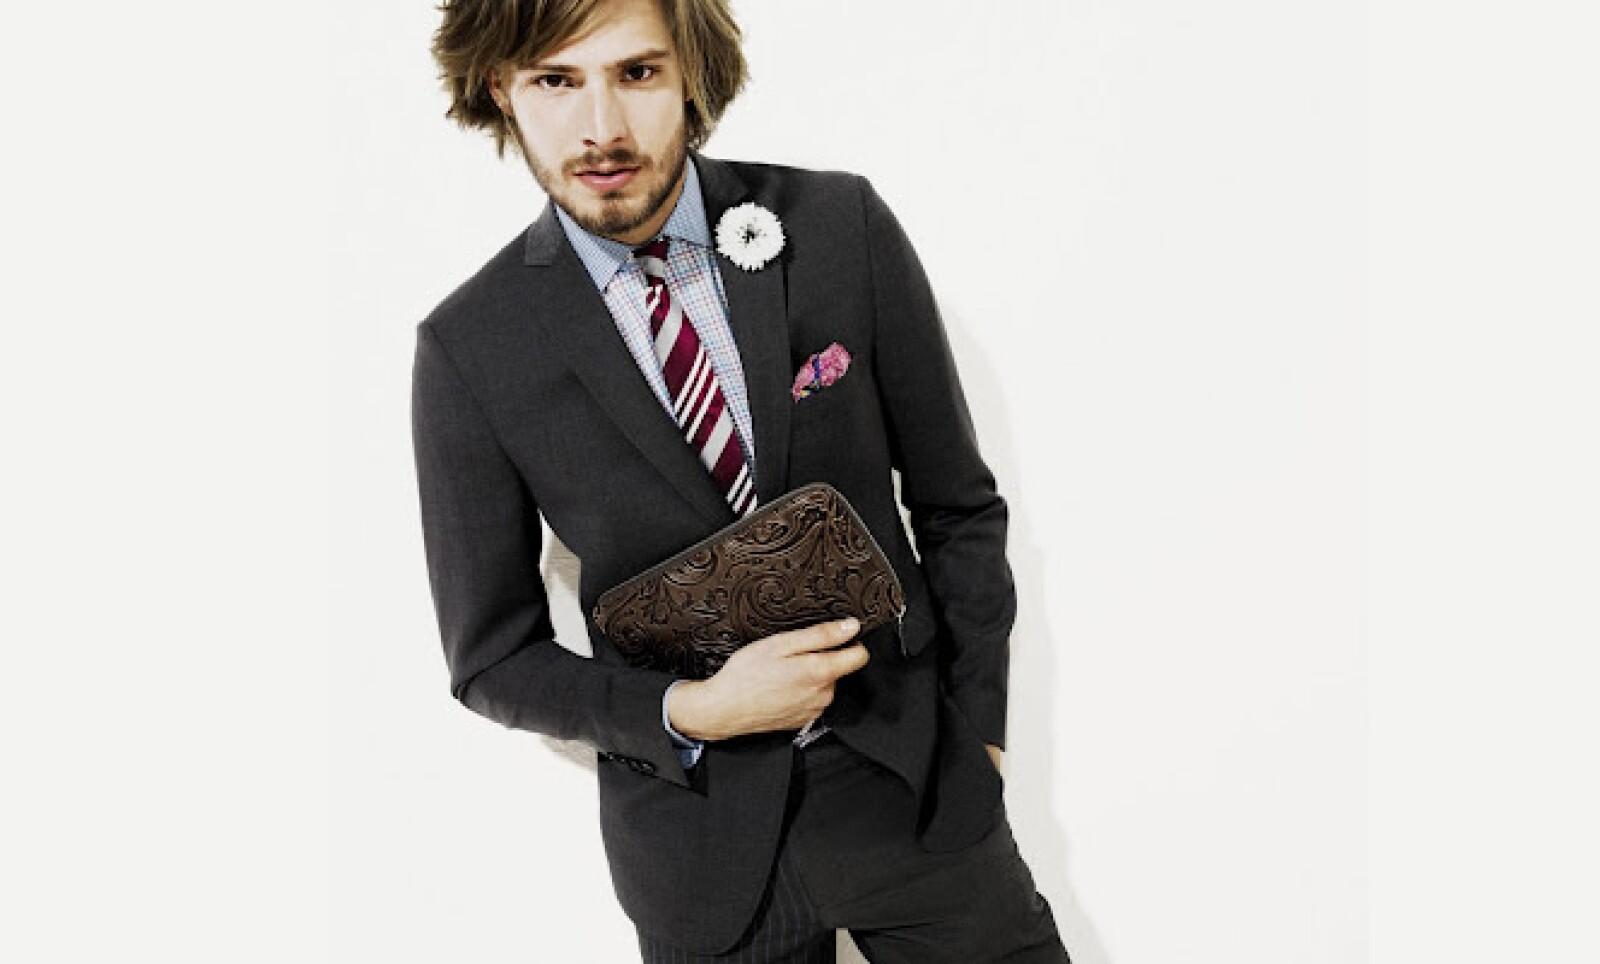 Esta opción de traje es ideal para mantener un estilo clásico con destellos de rebeldía, como el color roso del pañuelo al frente.